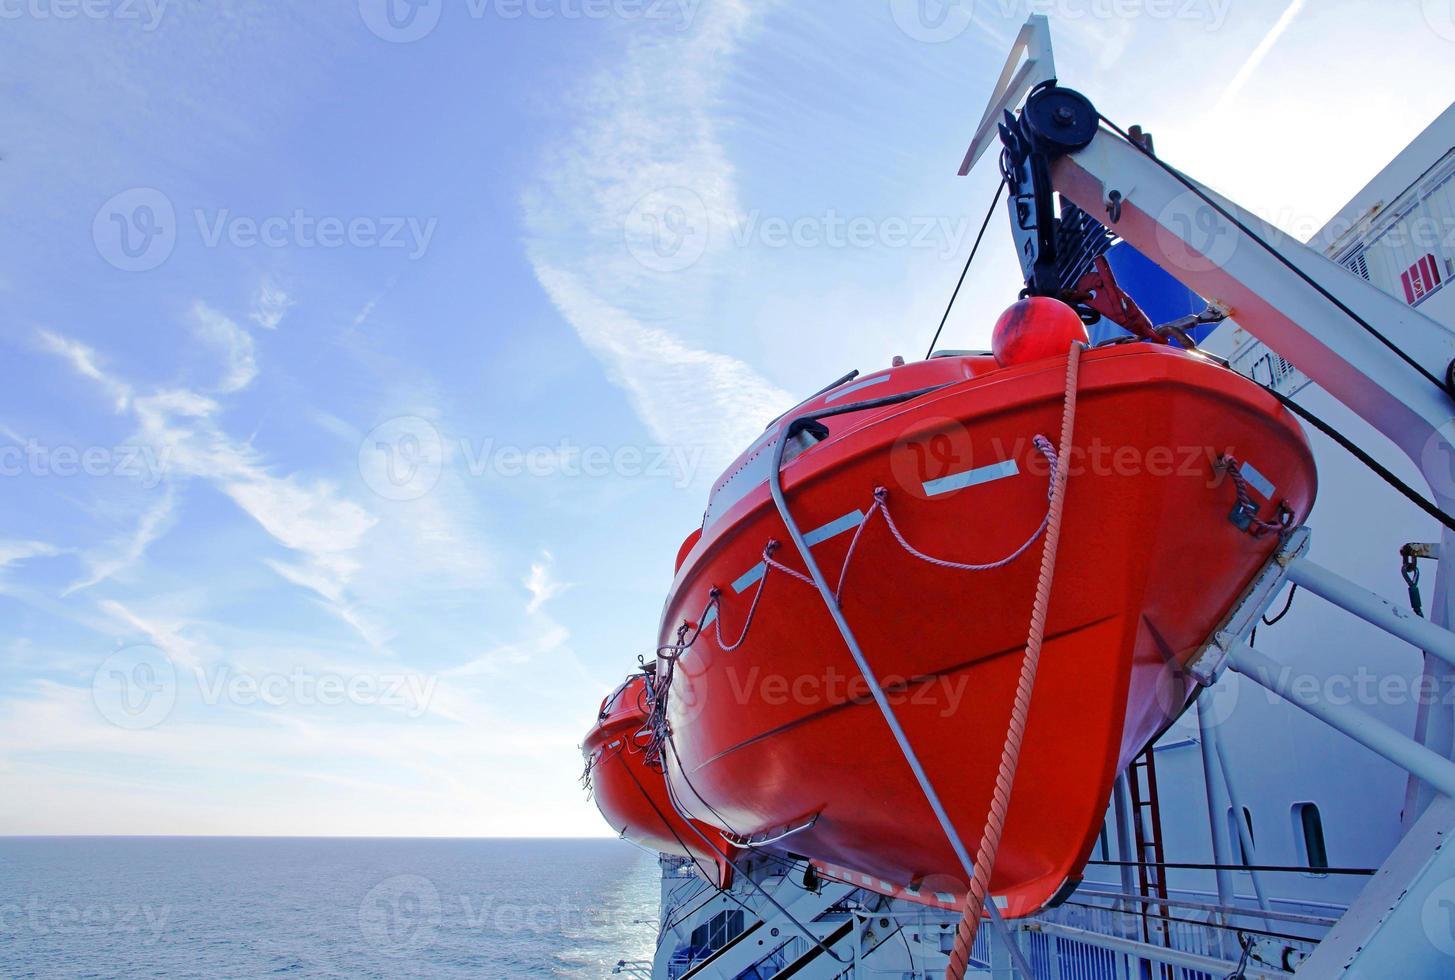 reddingsboten op een veerboot foto